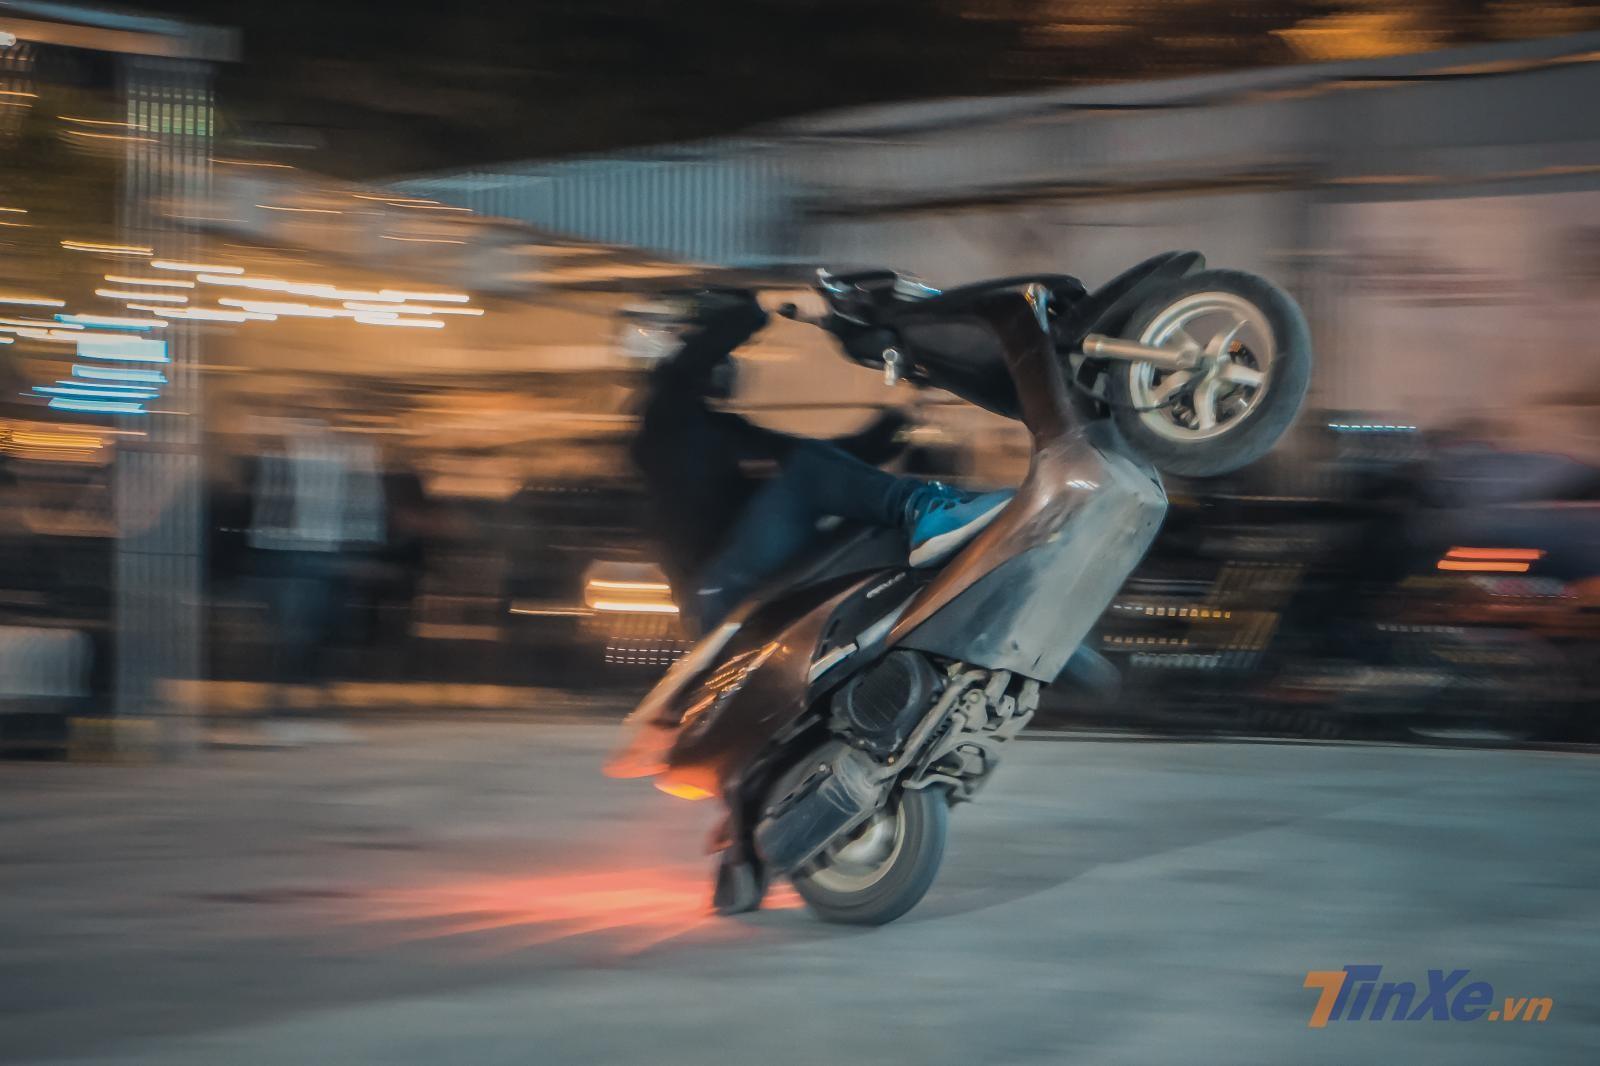 Và không chỉ mô tô, các stunter còn biểu diễn kĩ năng của mình thậm chí với Ninja LEAD